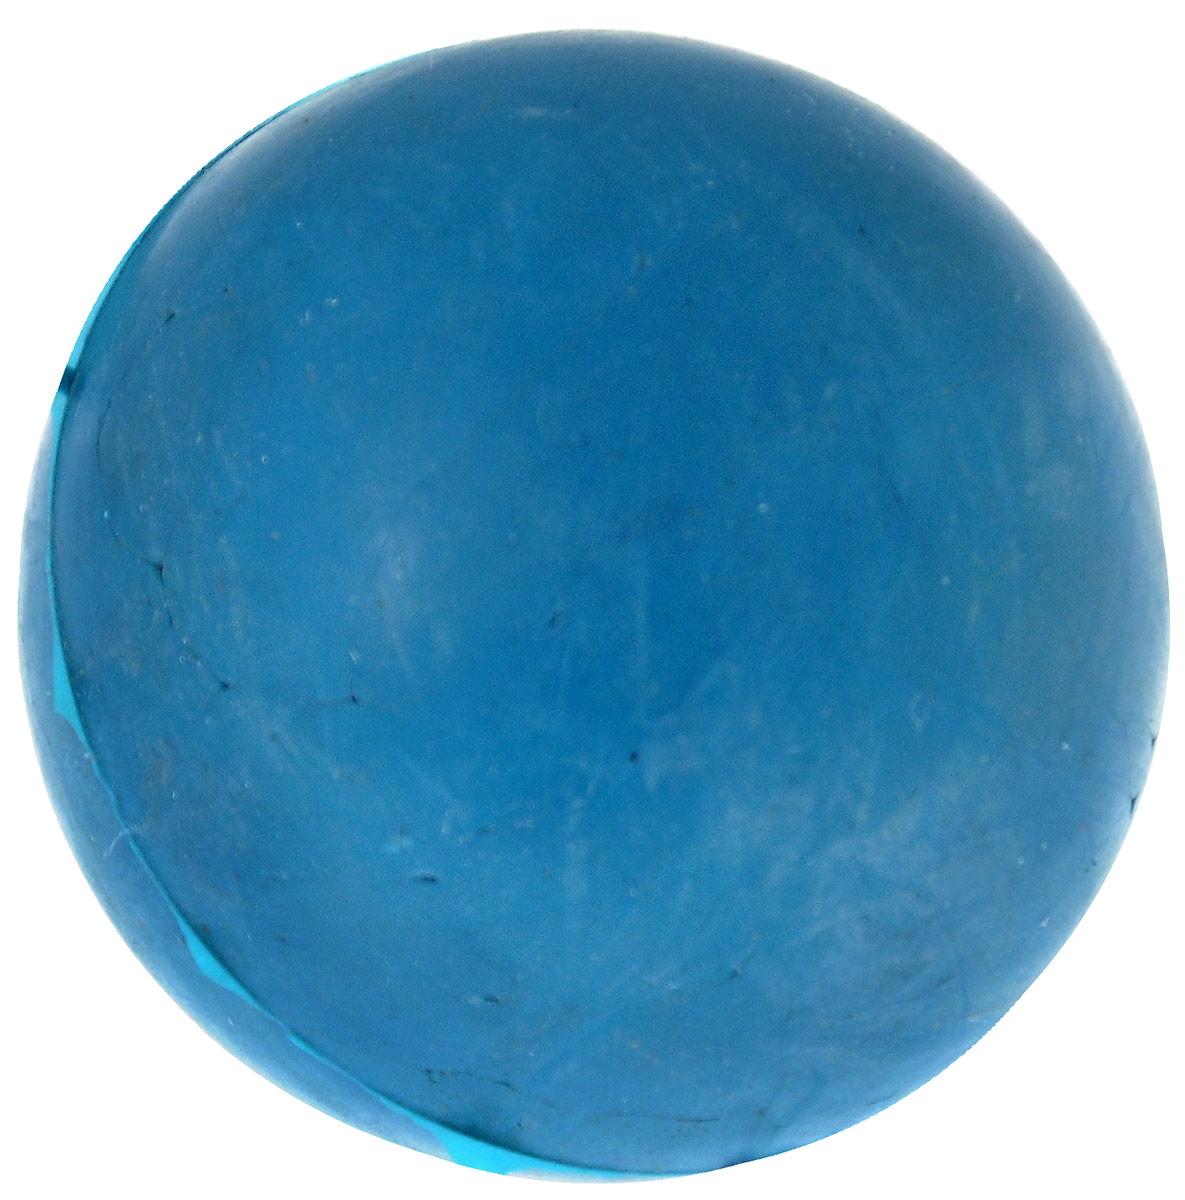 Игрушка для собак Зоомарк Мячик, цвет: синий, диаметр 4,5 смД-44_синийИгрушка для собак ЗооМарк, изготовленная из высококачественной резины, выполнена в виде мячика. Изделие устойчиво к разгрызанию. Резиновые мячи - это отличный подарок активному питомцу, чьи хозяева заботятся о здоровье и правильном развитии собаки. Игрушка не портит десна и зубы, нежно очищая их. Такая игрушка порадует вашего любимца, а вам доставит массу приятных эмоций, ведь наблюдать за игрой всегда интересно и приятно. Оставшись в одиночестве, ваша собака будет увлеченно играть. Диаметр: 4,5 см.